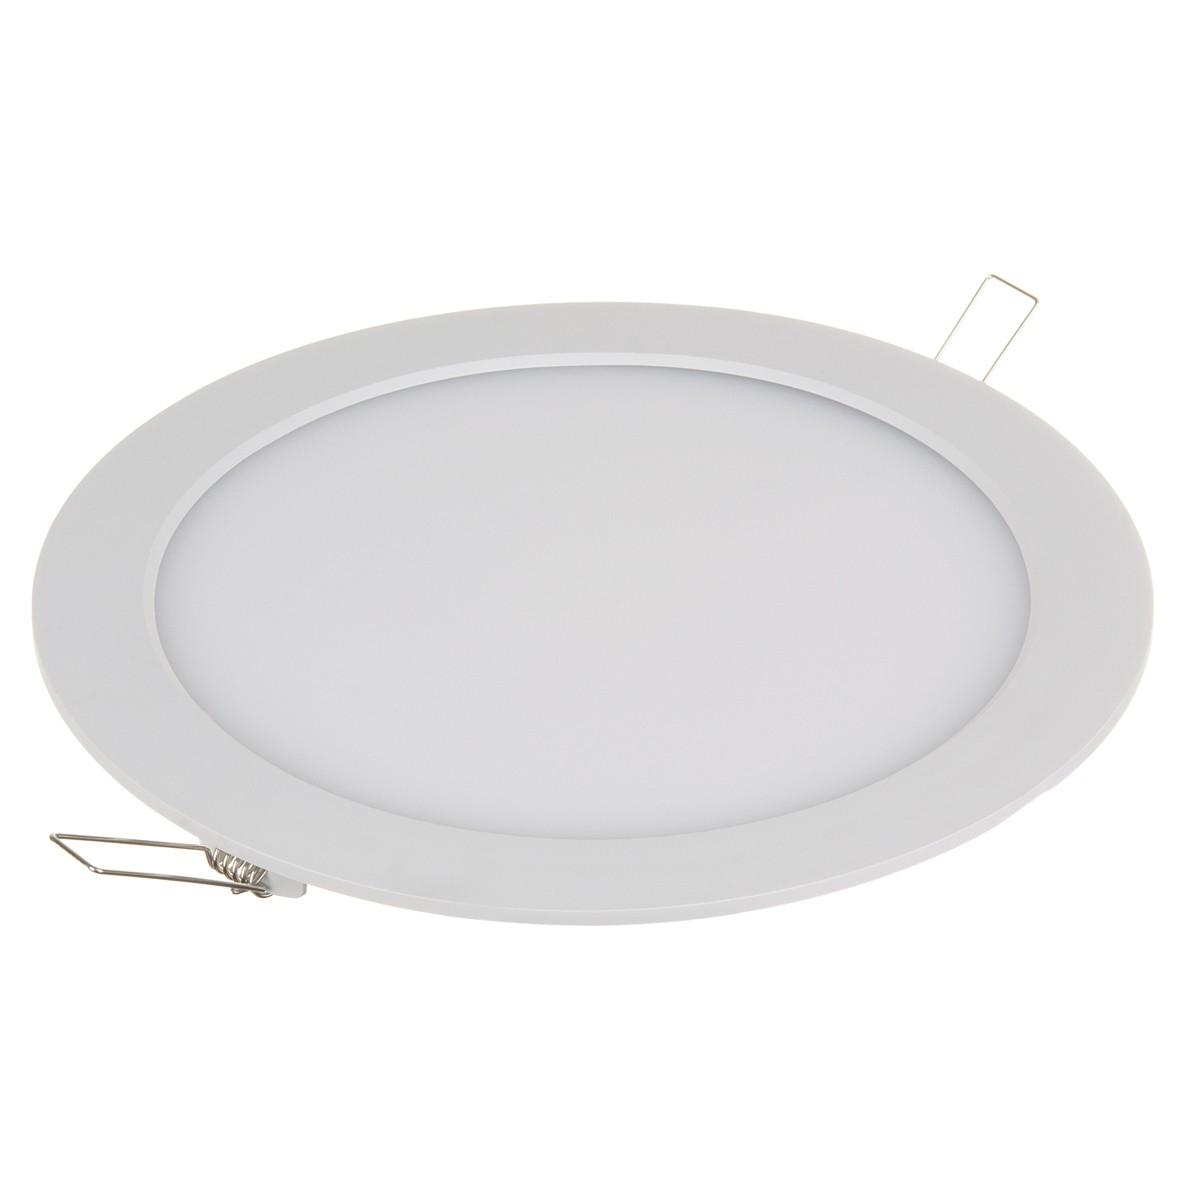 Дополнительное фото 1 товара Встраиваемый светильник Elektrostandard Downlight a034916